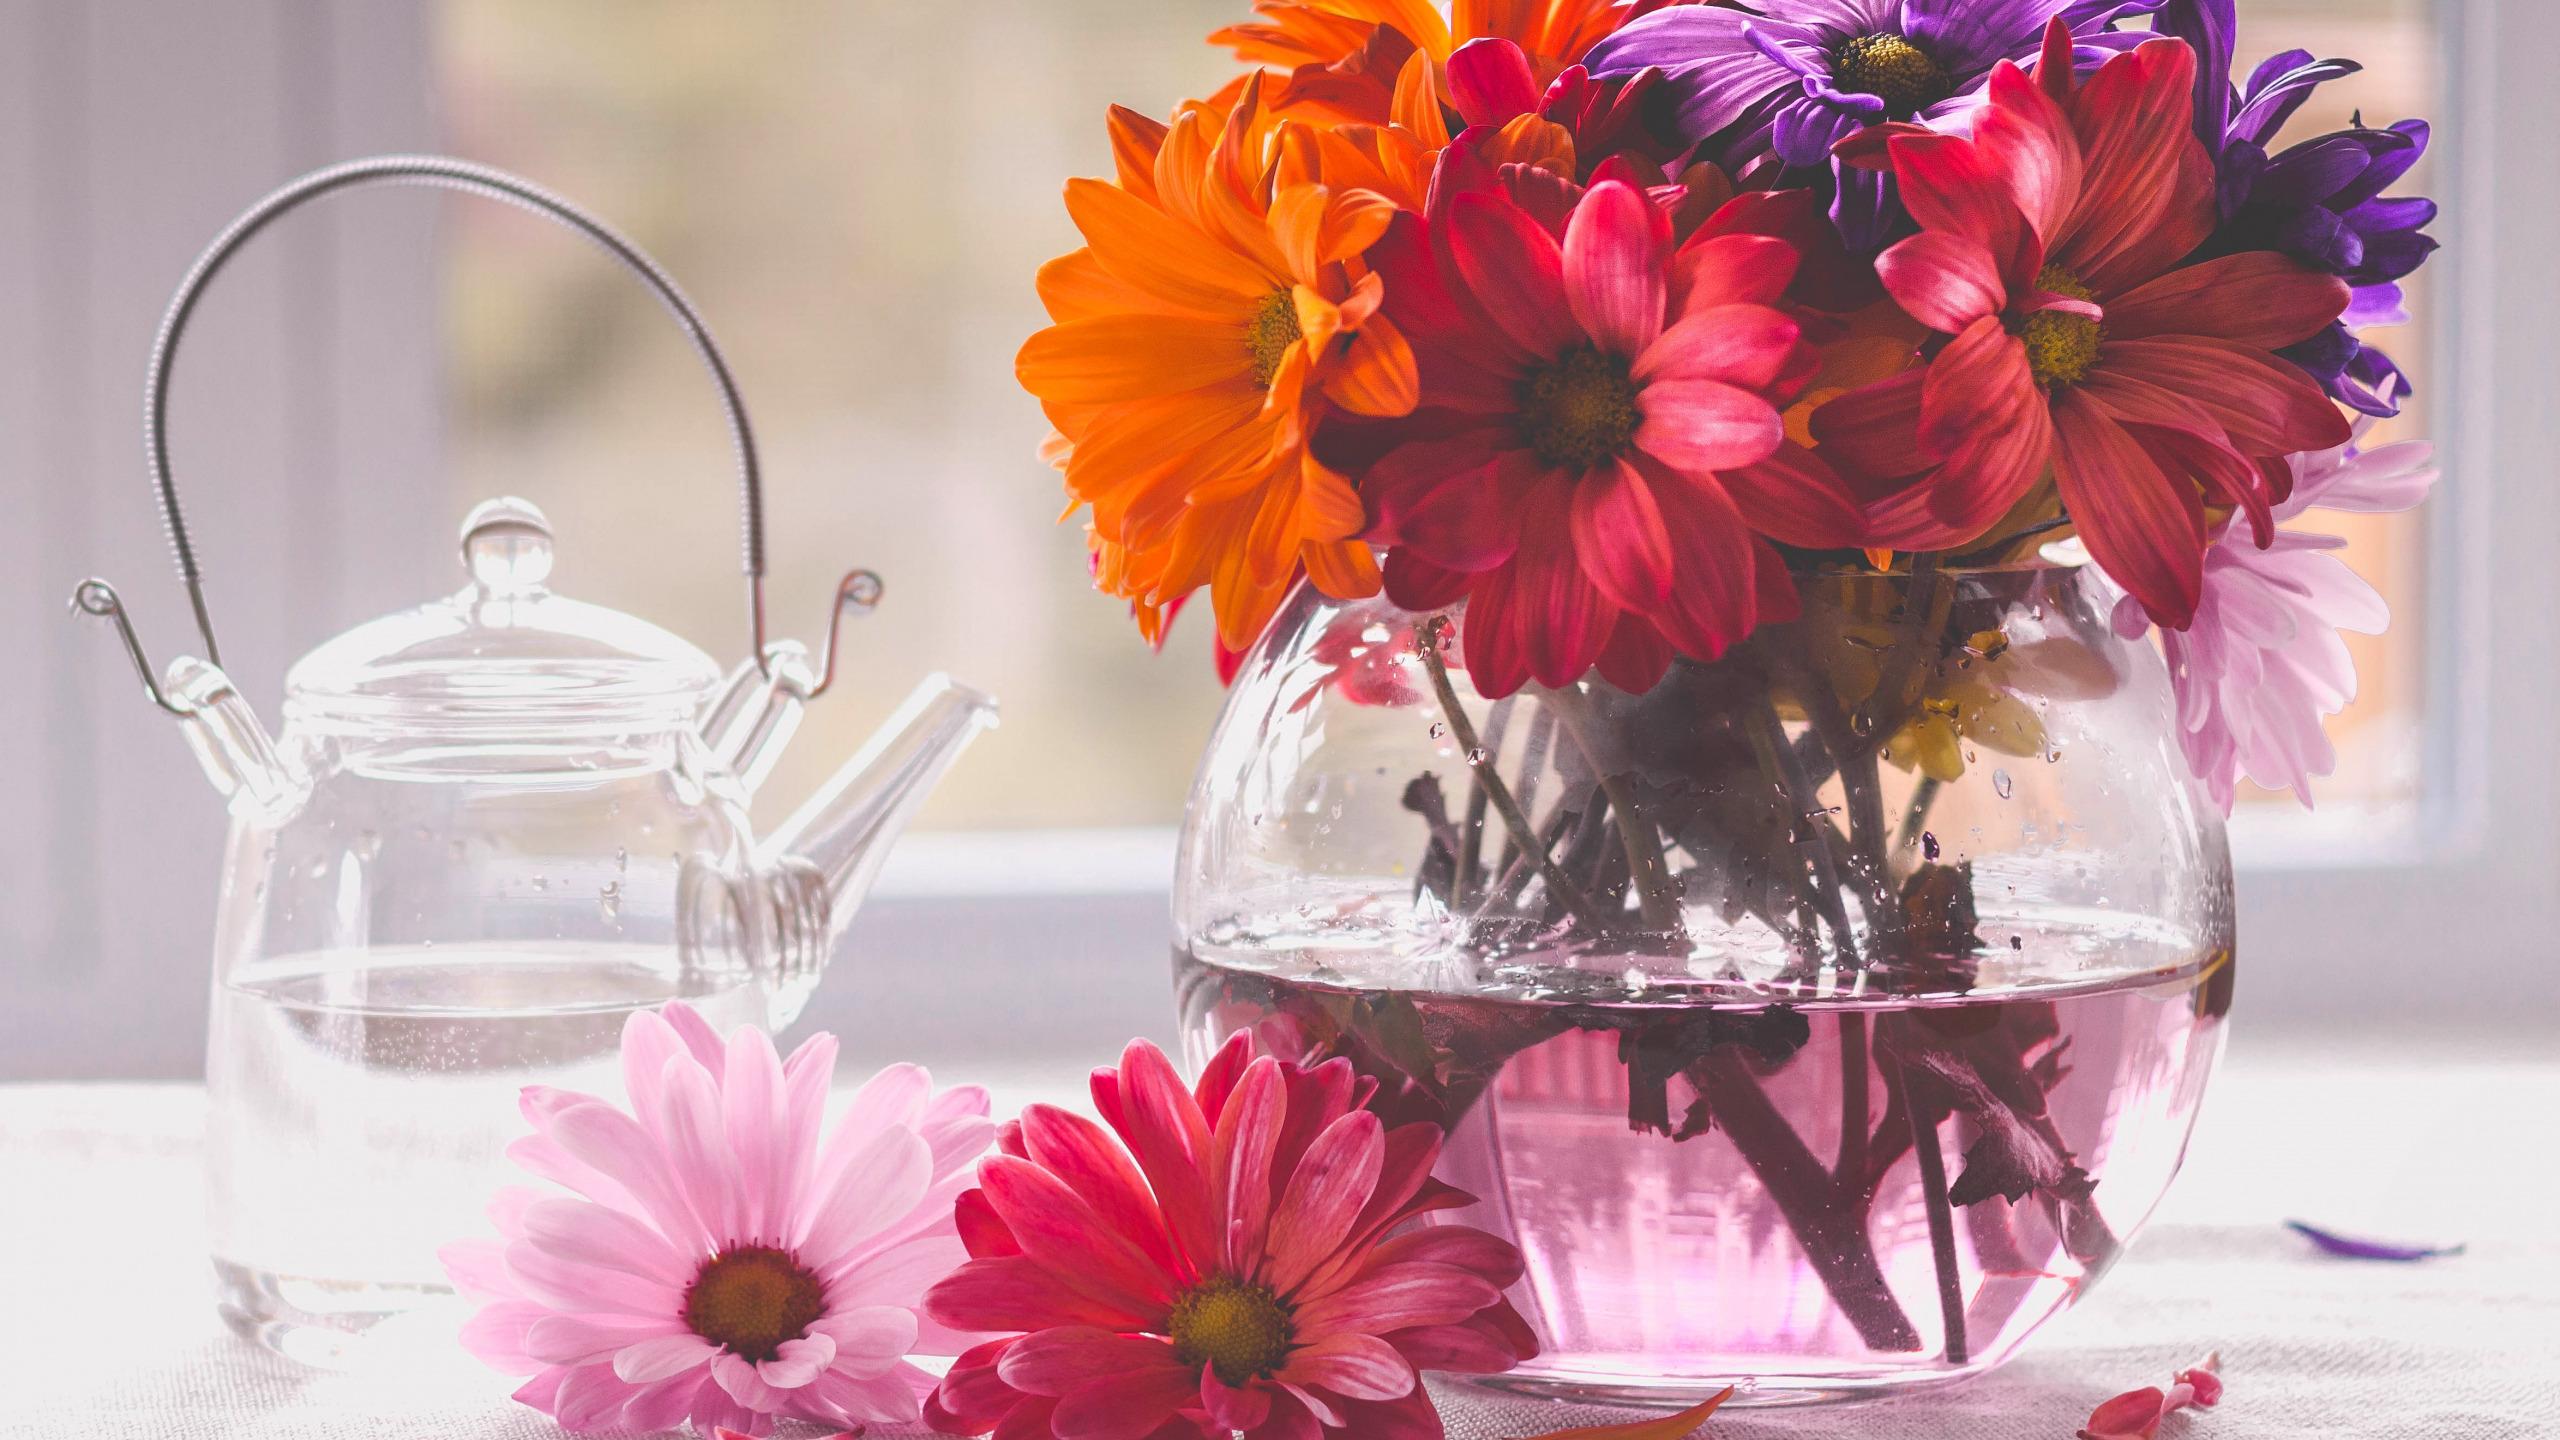 Картинки на рабочий стол букеты в вазе